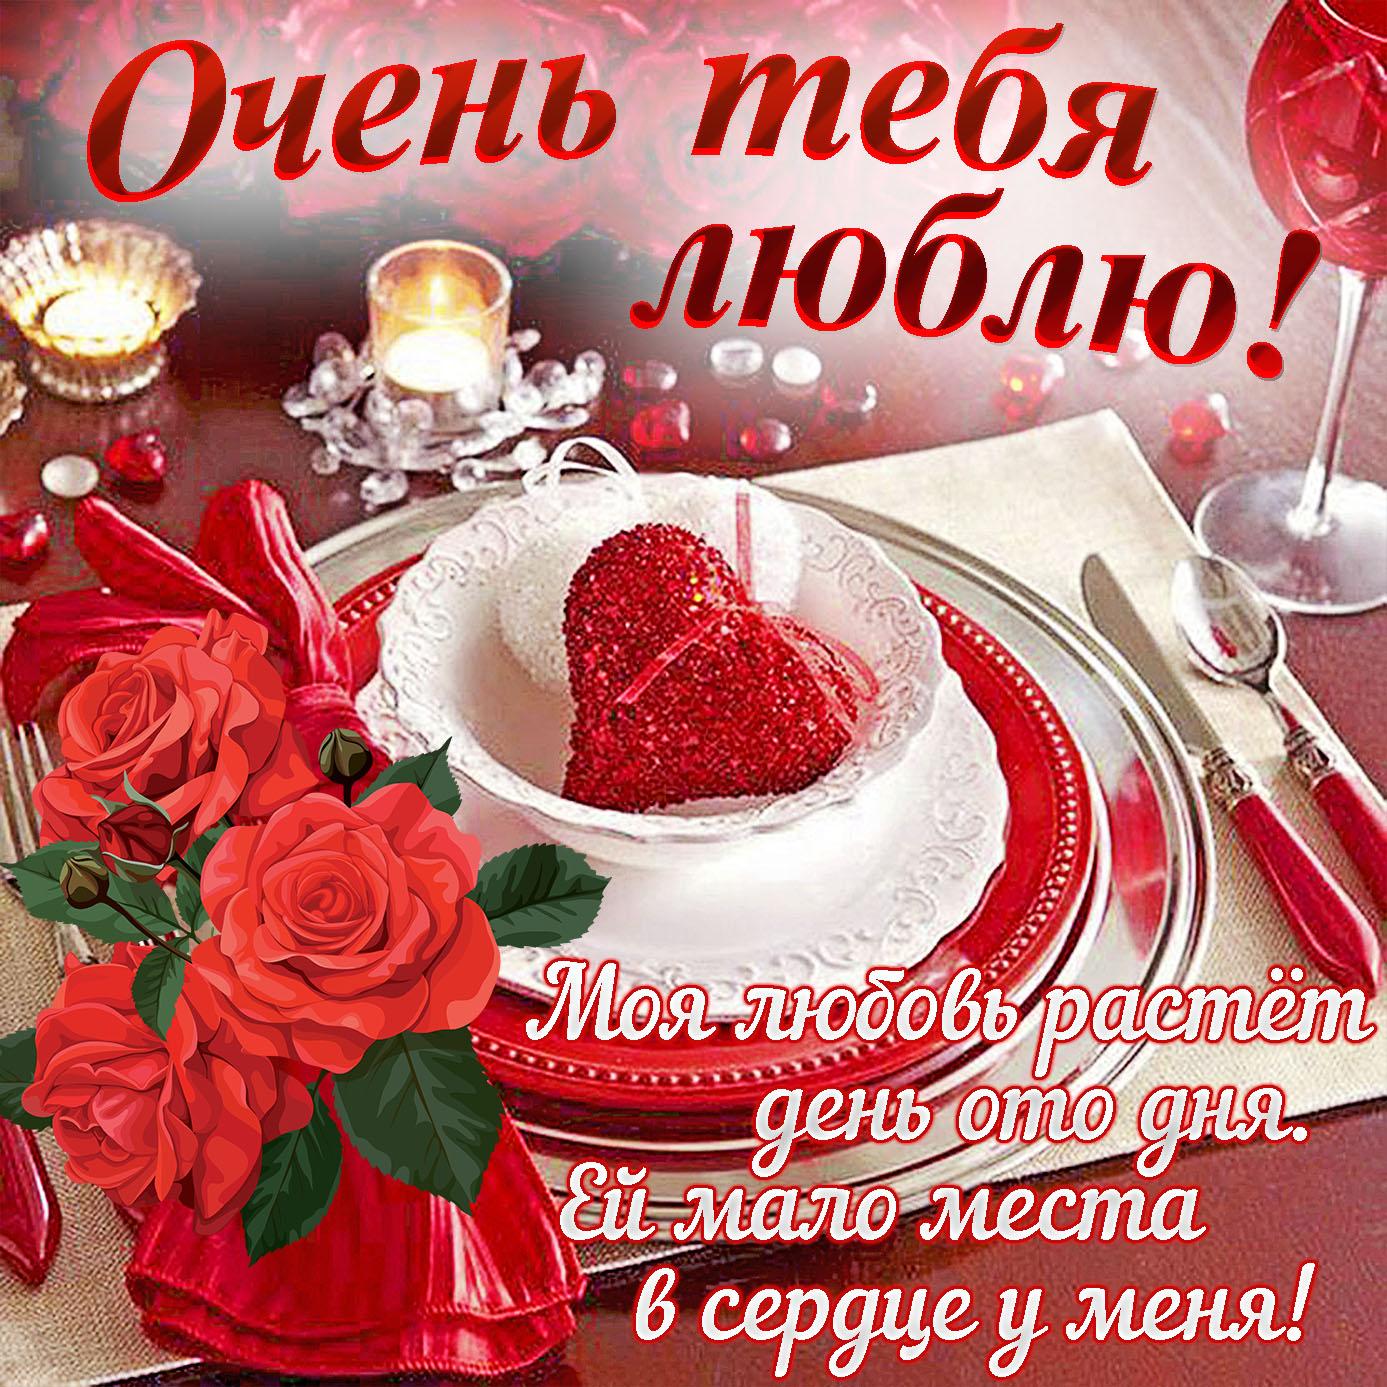 Красивая картинка с сердечком в чашечке